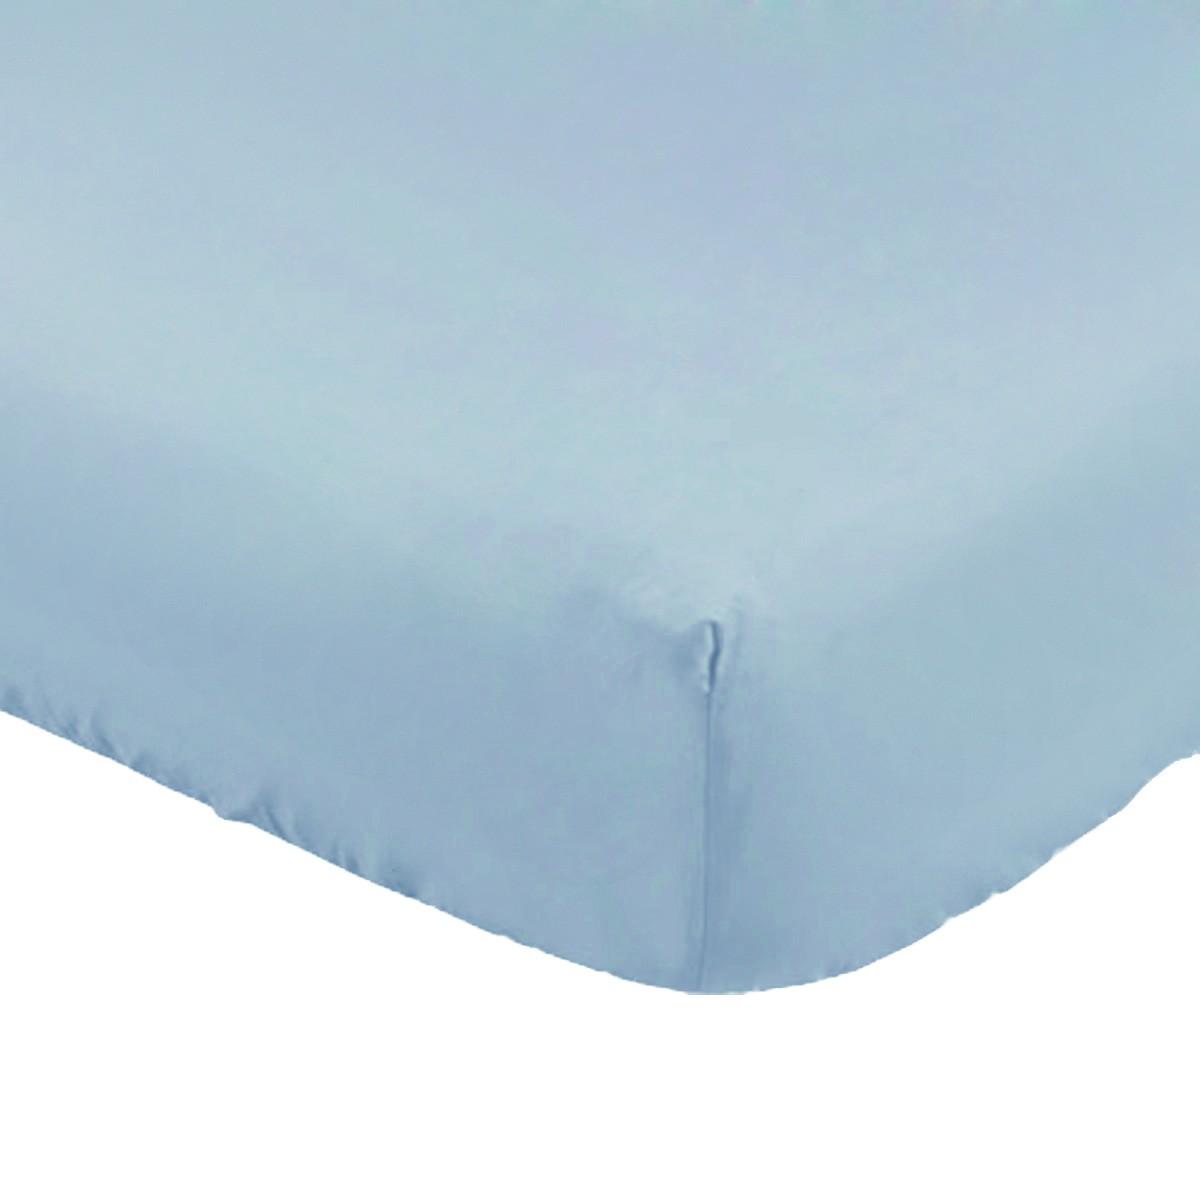 Lençol de Baixo Mini Berço c/ Elástico - Azul